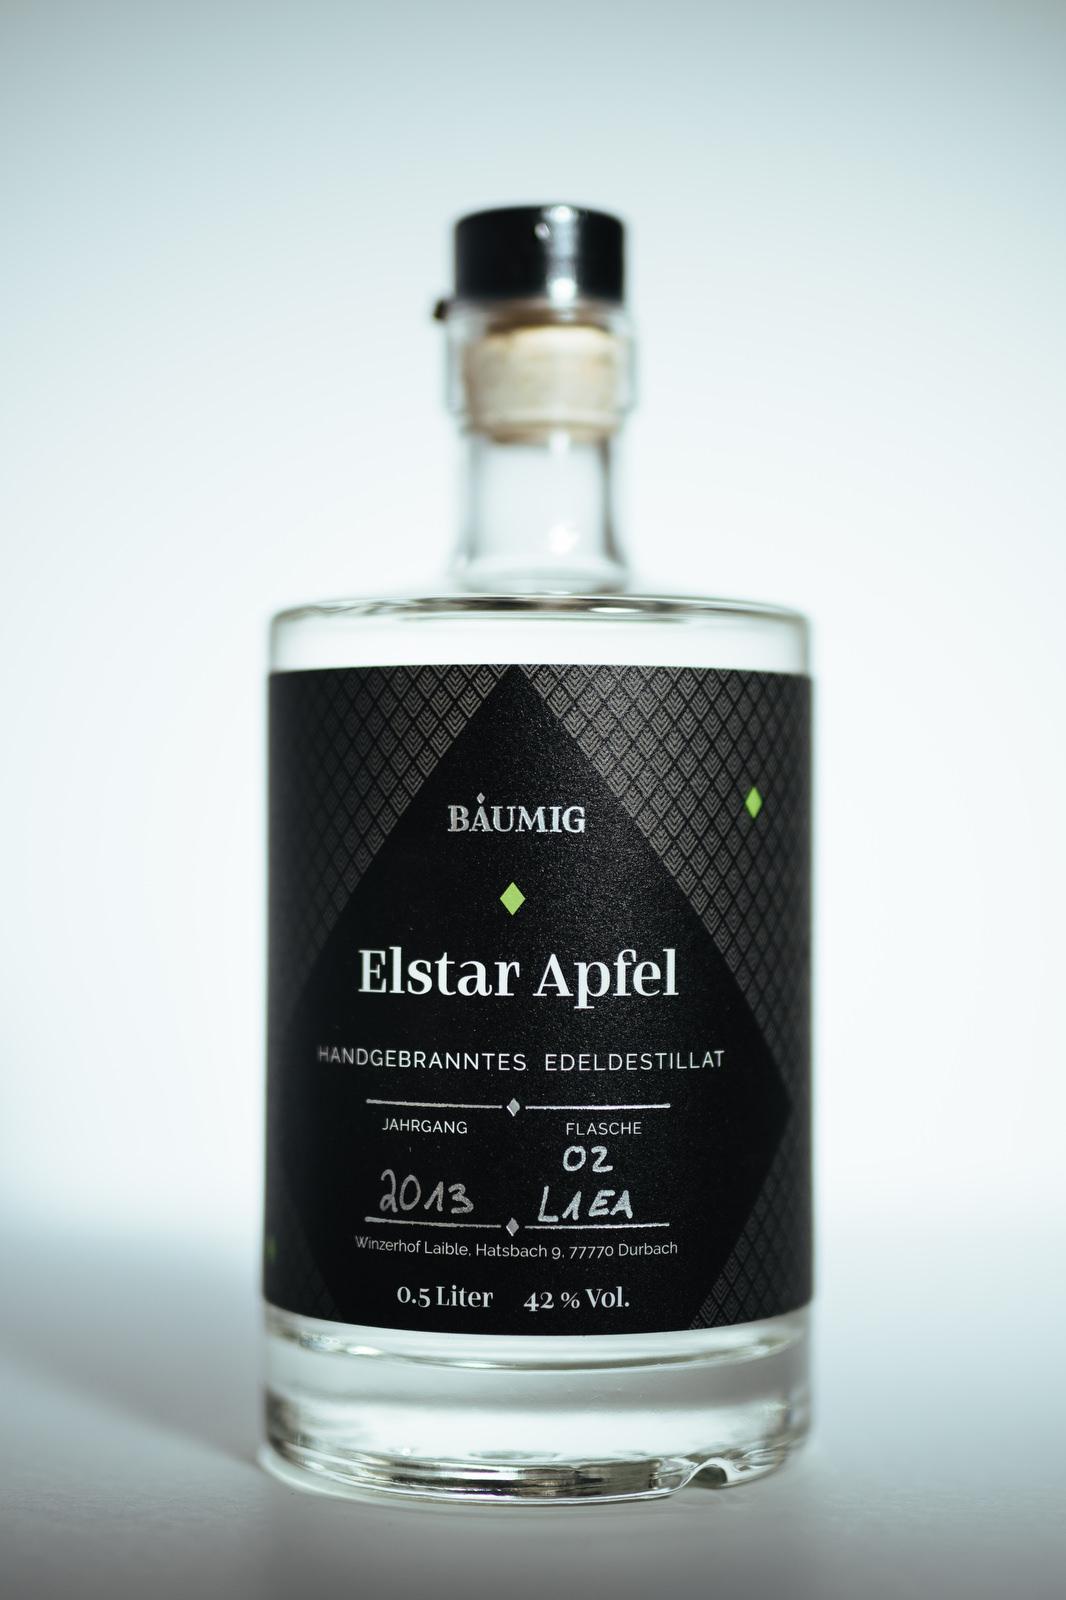 Edeldestillat Elstar Apfel Flasche kaufen